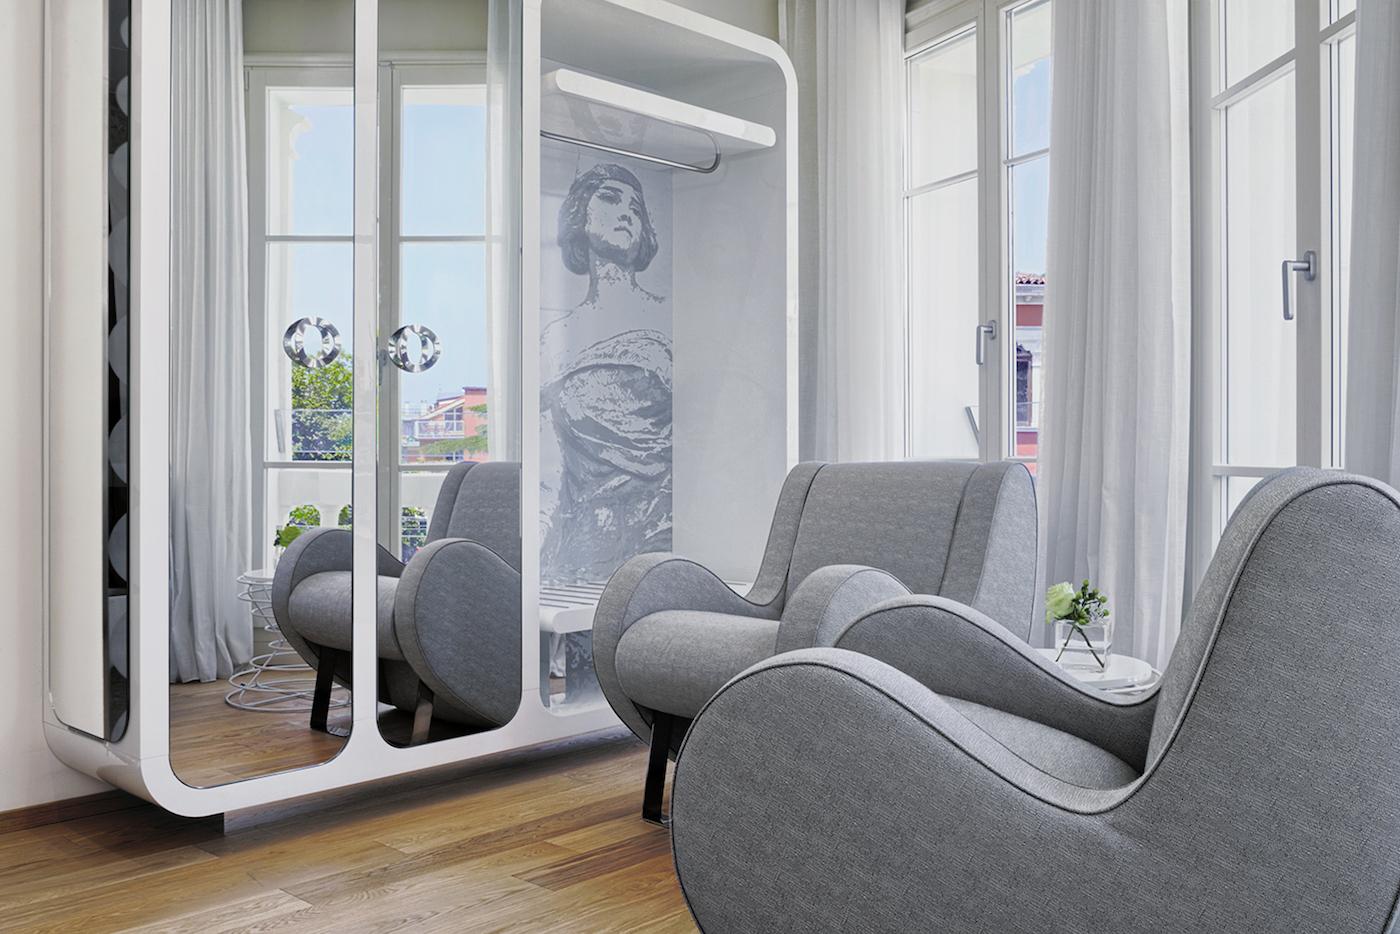 Una stanza dell'hotel - foto Andrea Sarti